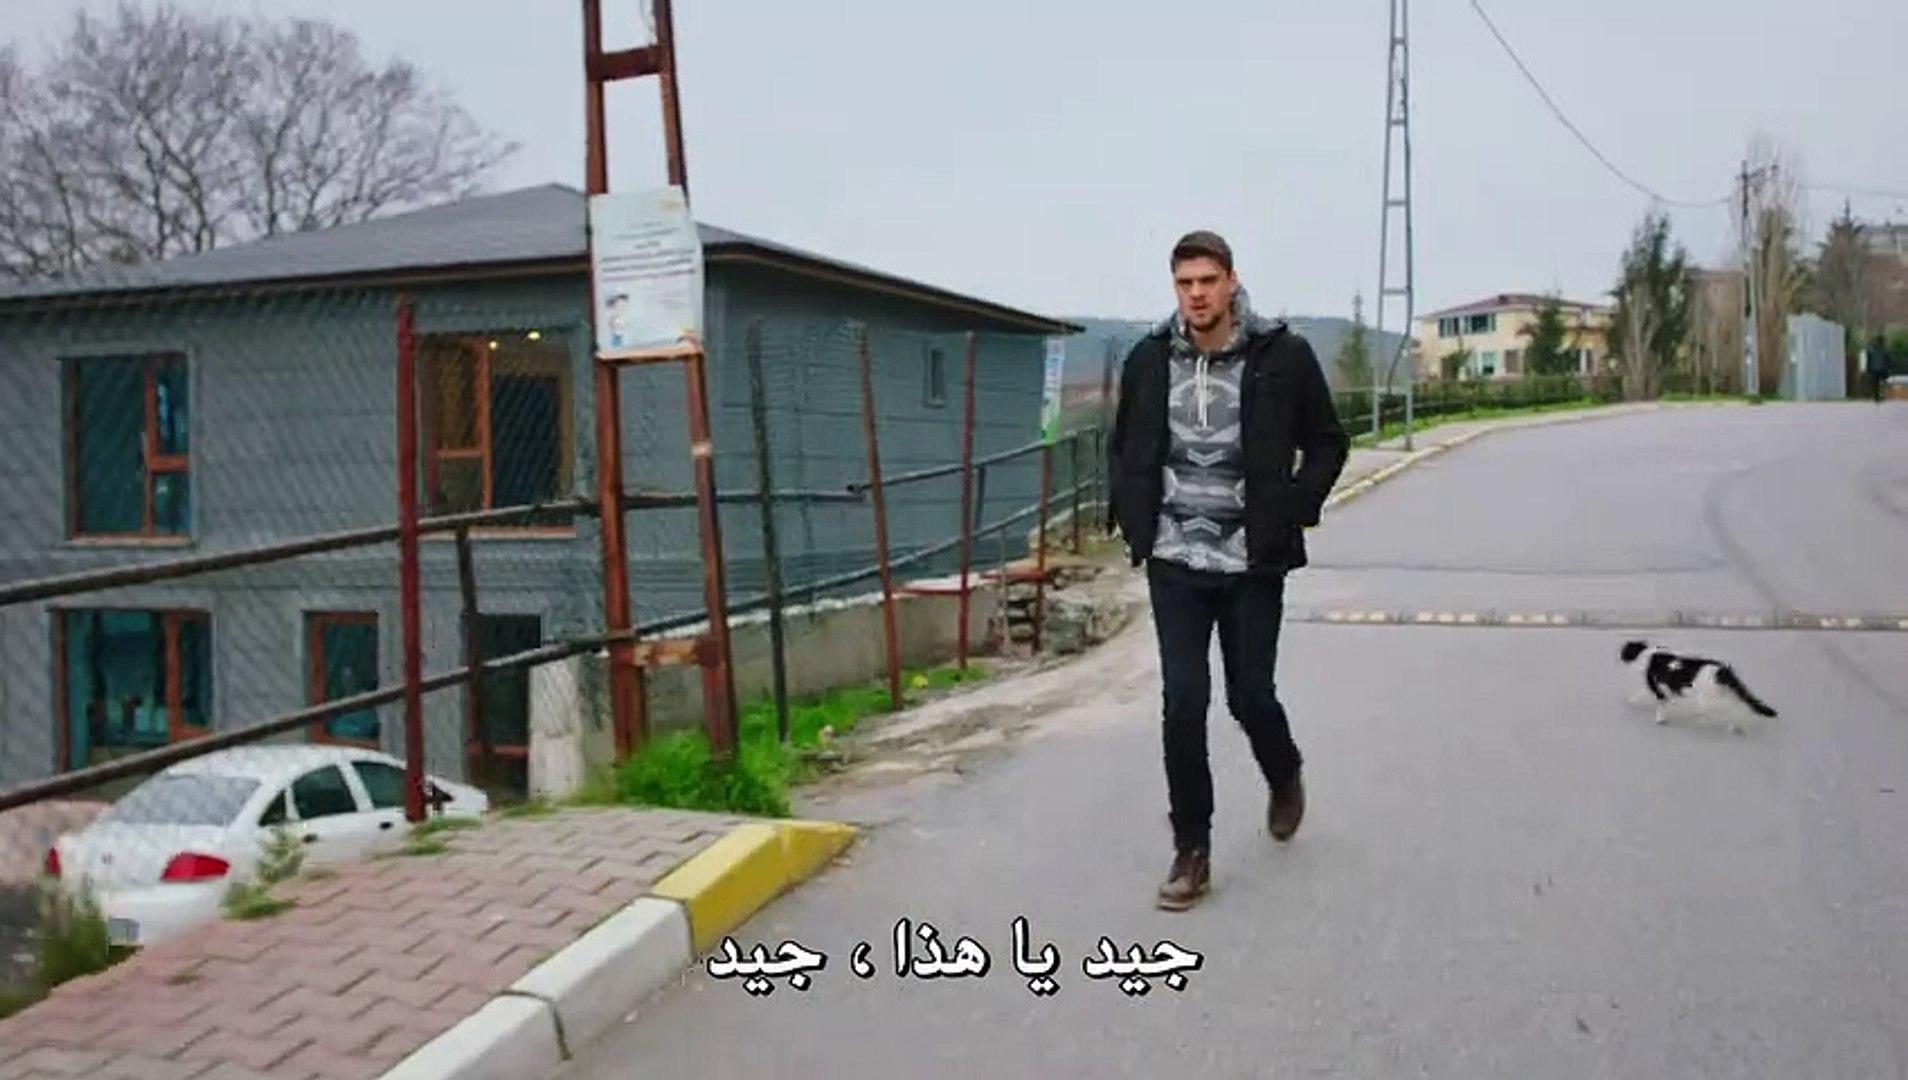 مسلسل زهرة الثالوث مترجم للعربية - الحلقة 21 - الجزء 3